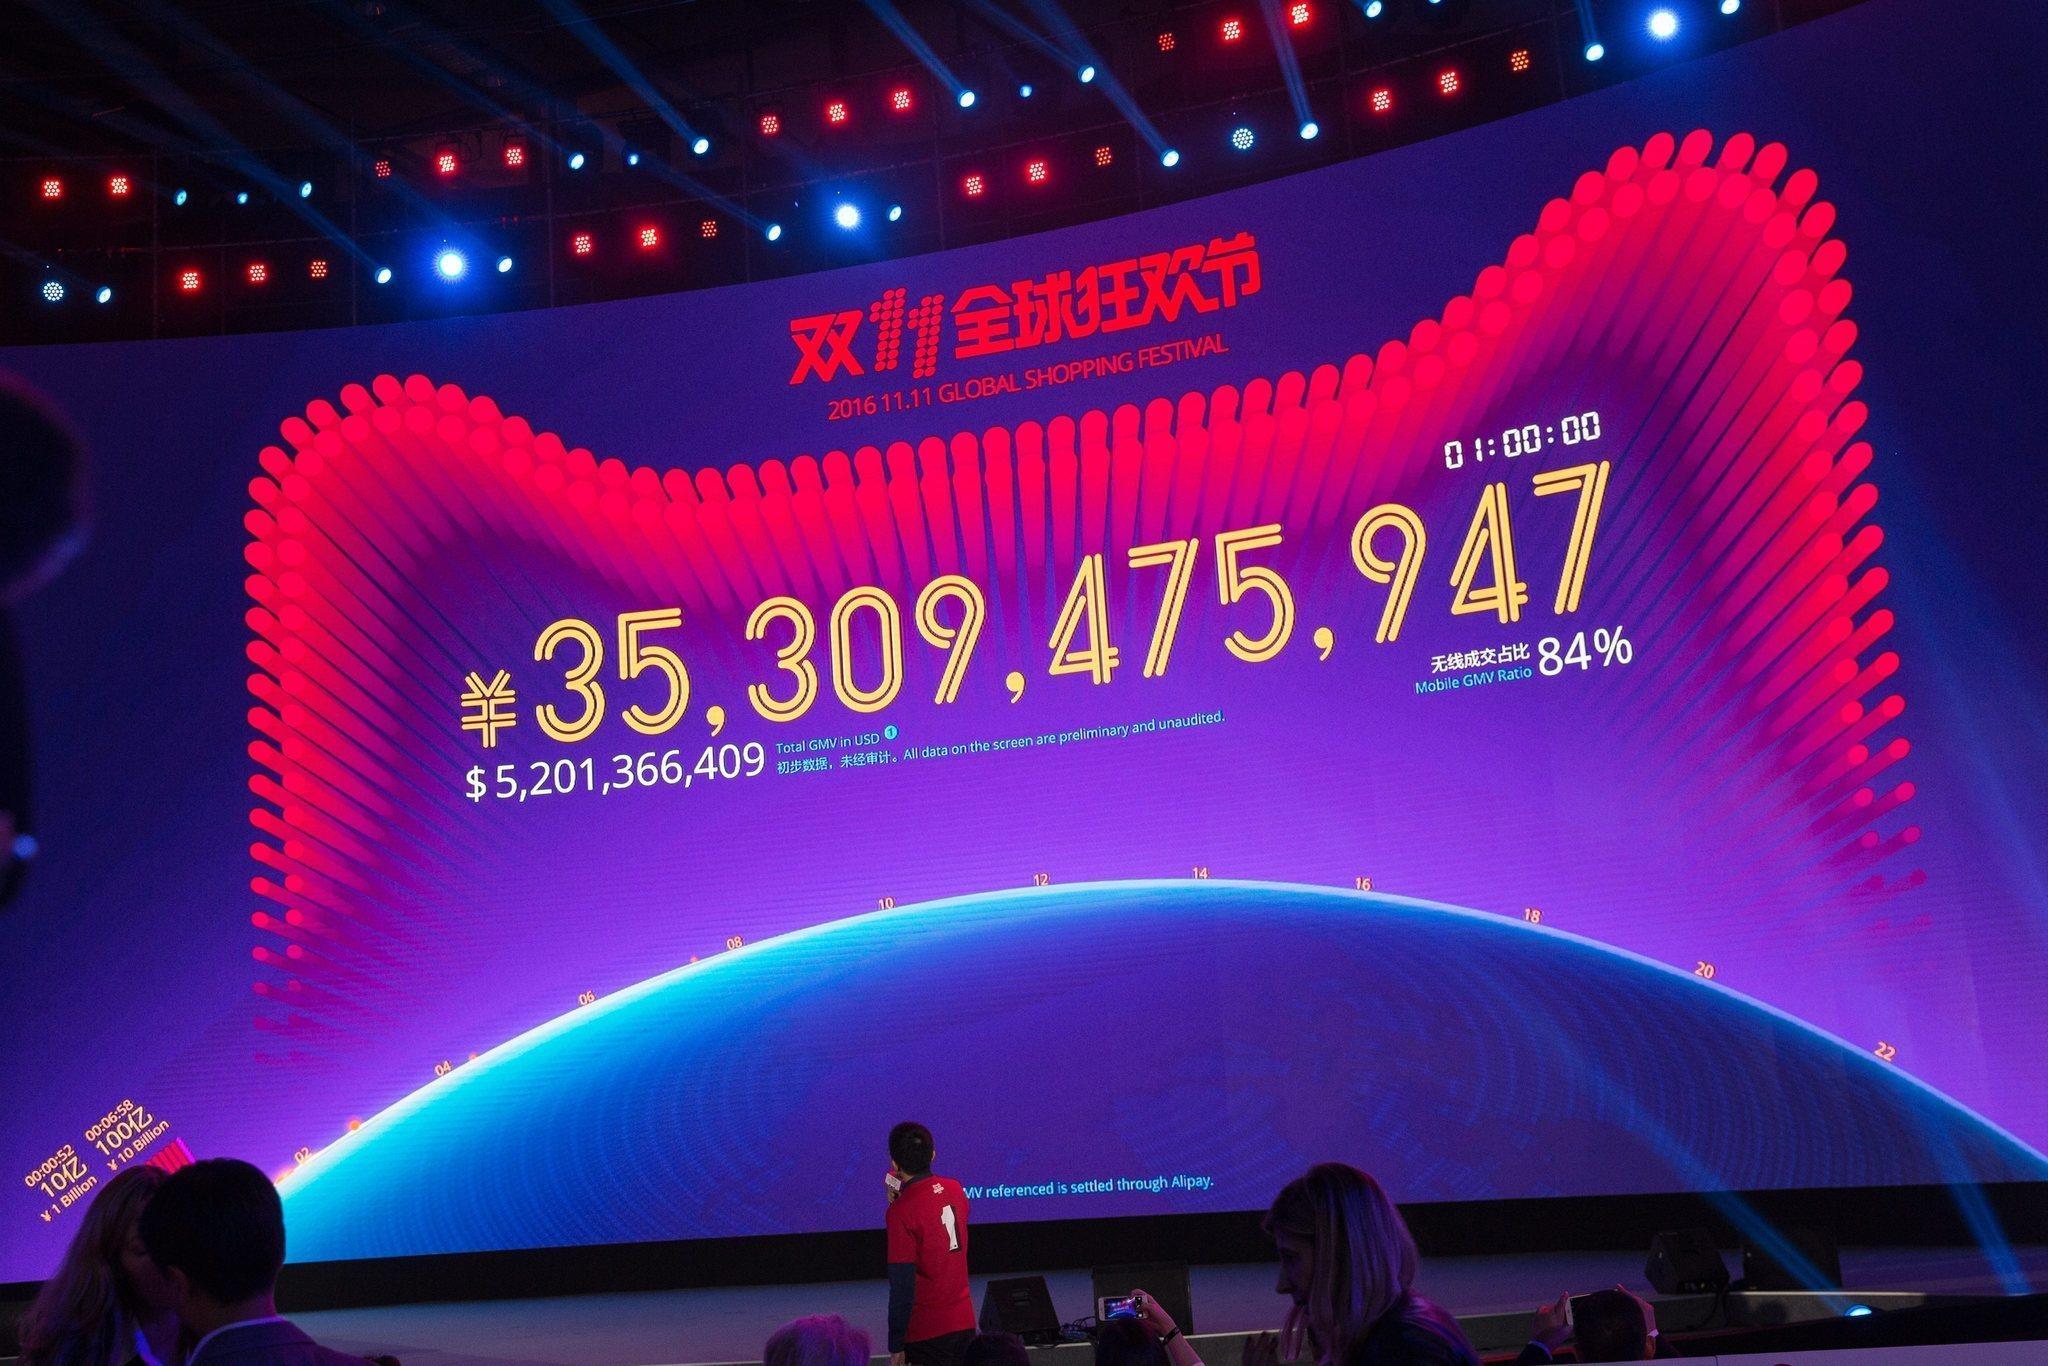 Doanh thu của Alibaba trong Singles Day đạt 1 tỷ USD chỉ trong 2 phút